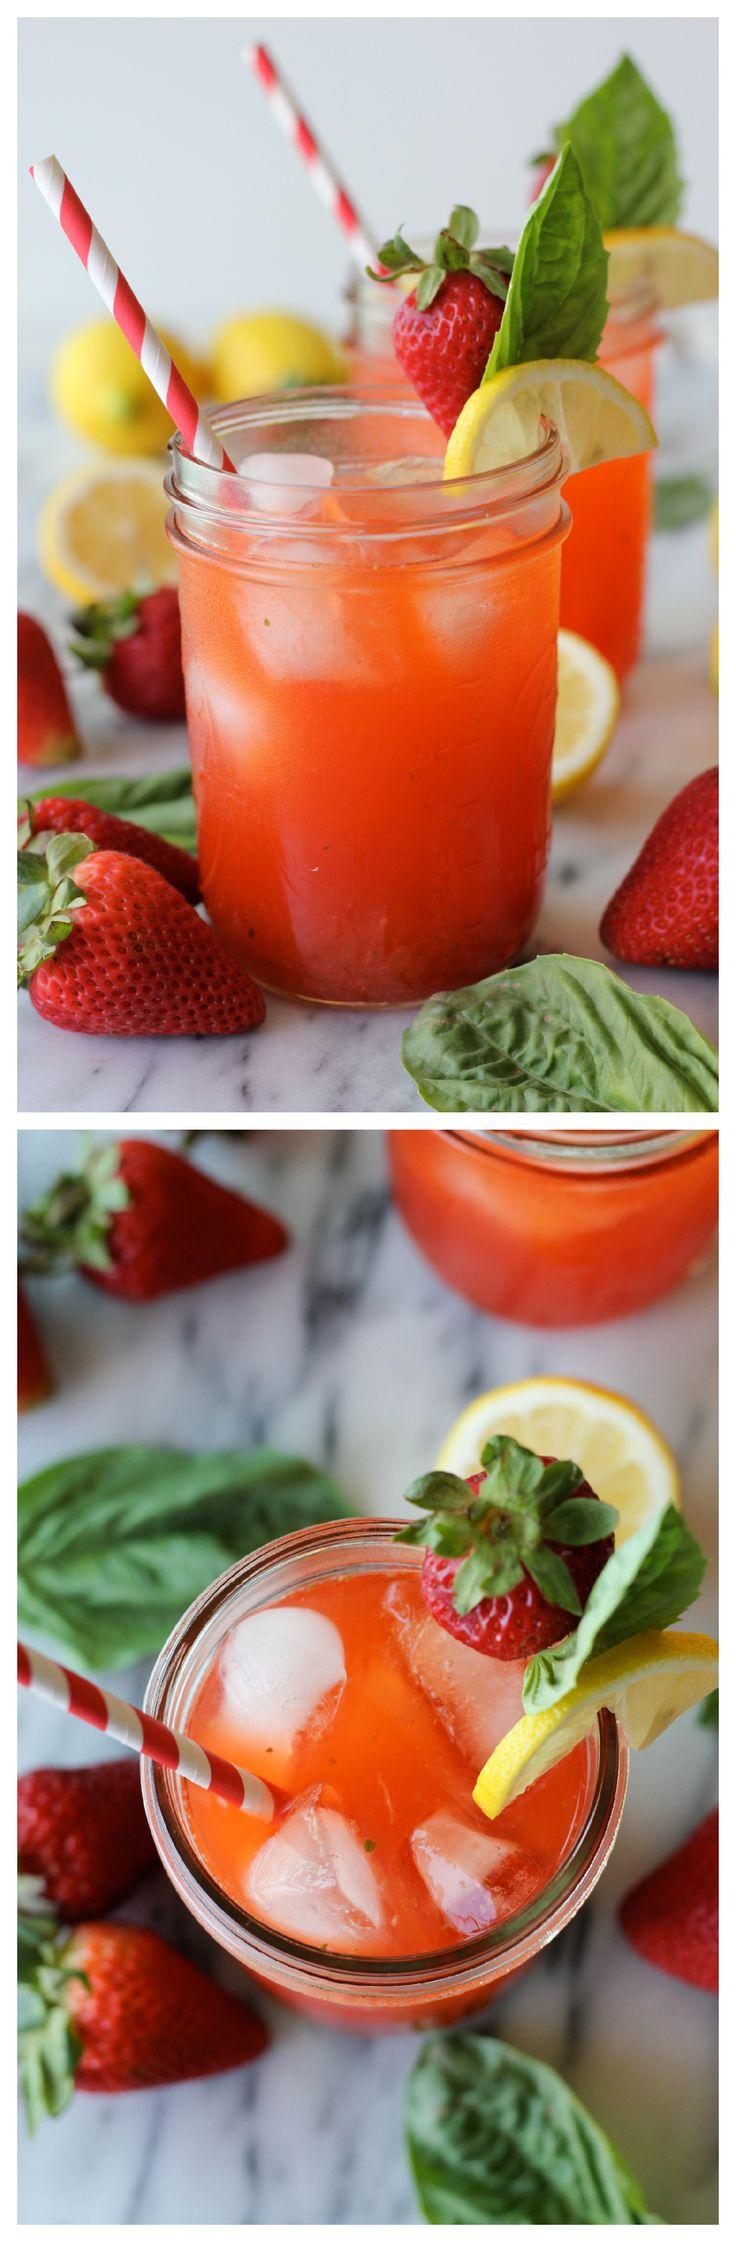 ... Lemonade, Drinks Cocktails, Basil Lemonade, Strawberries Lemonade, Yum